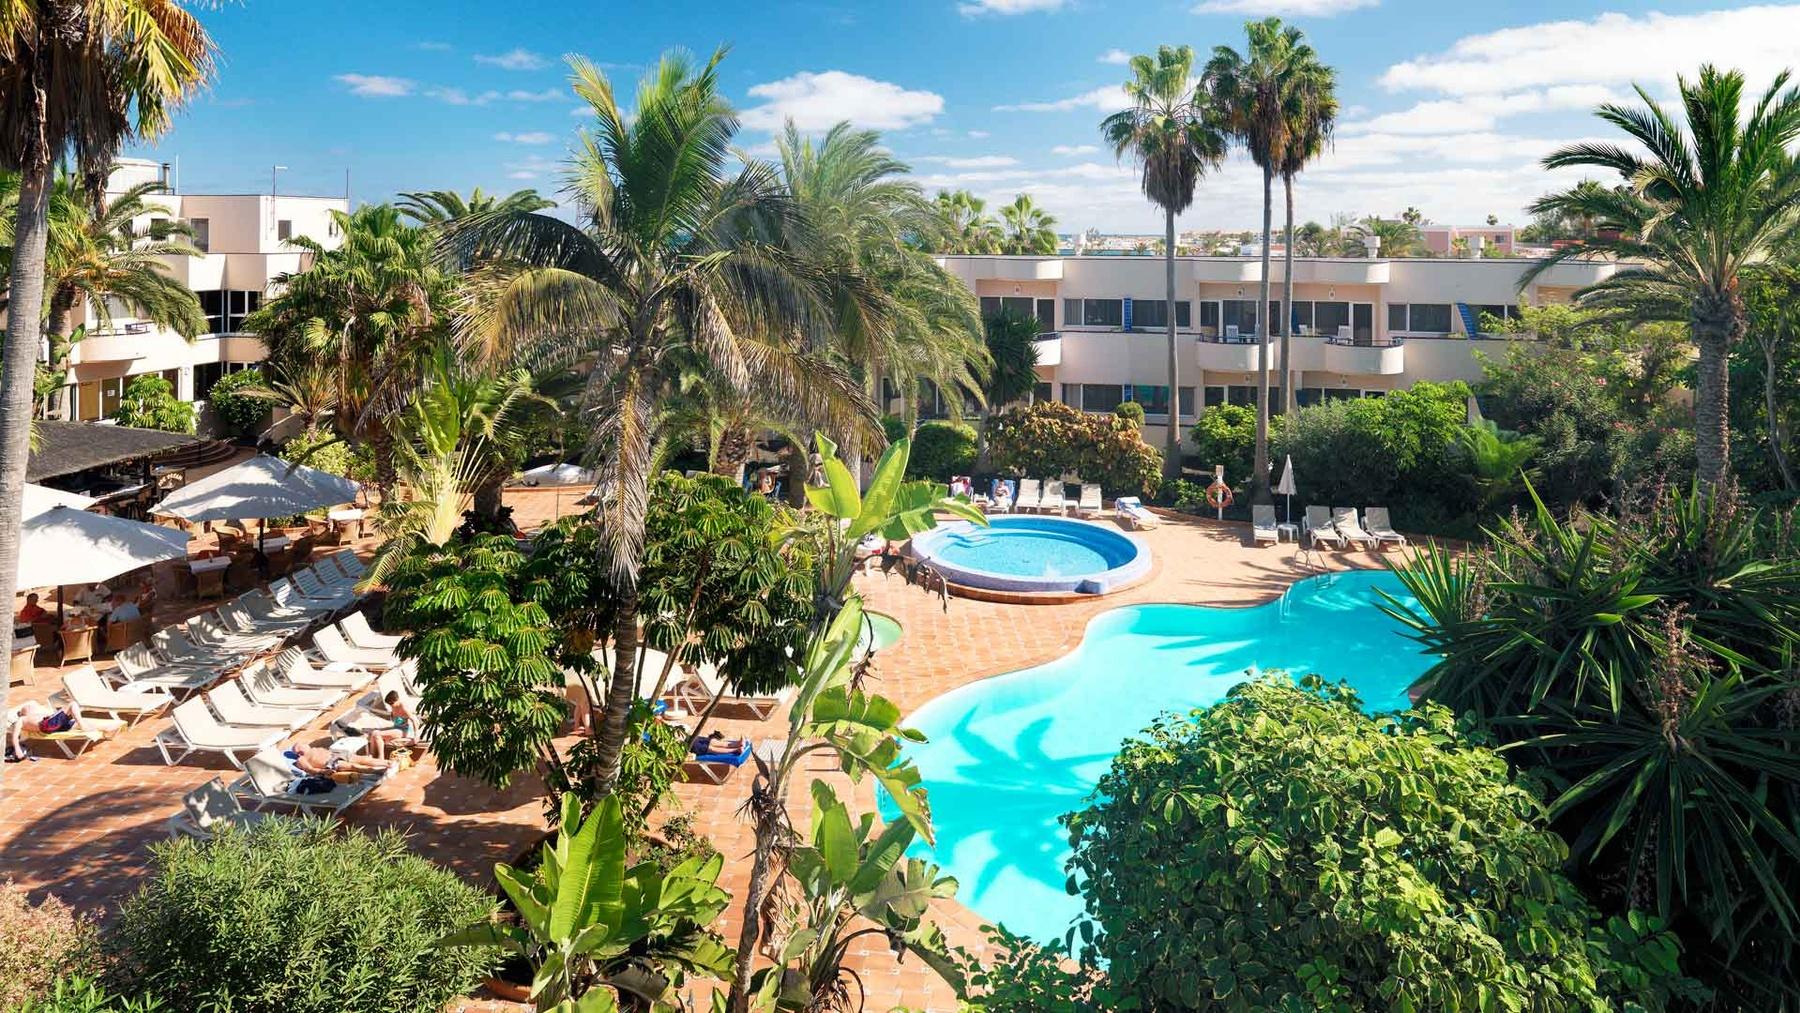 Piscina Hotel Corralejo Fuerteventura